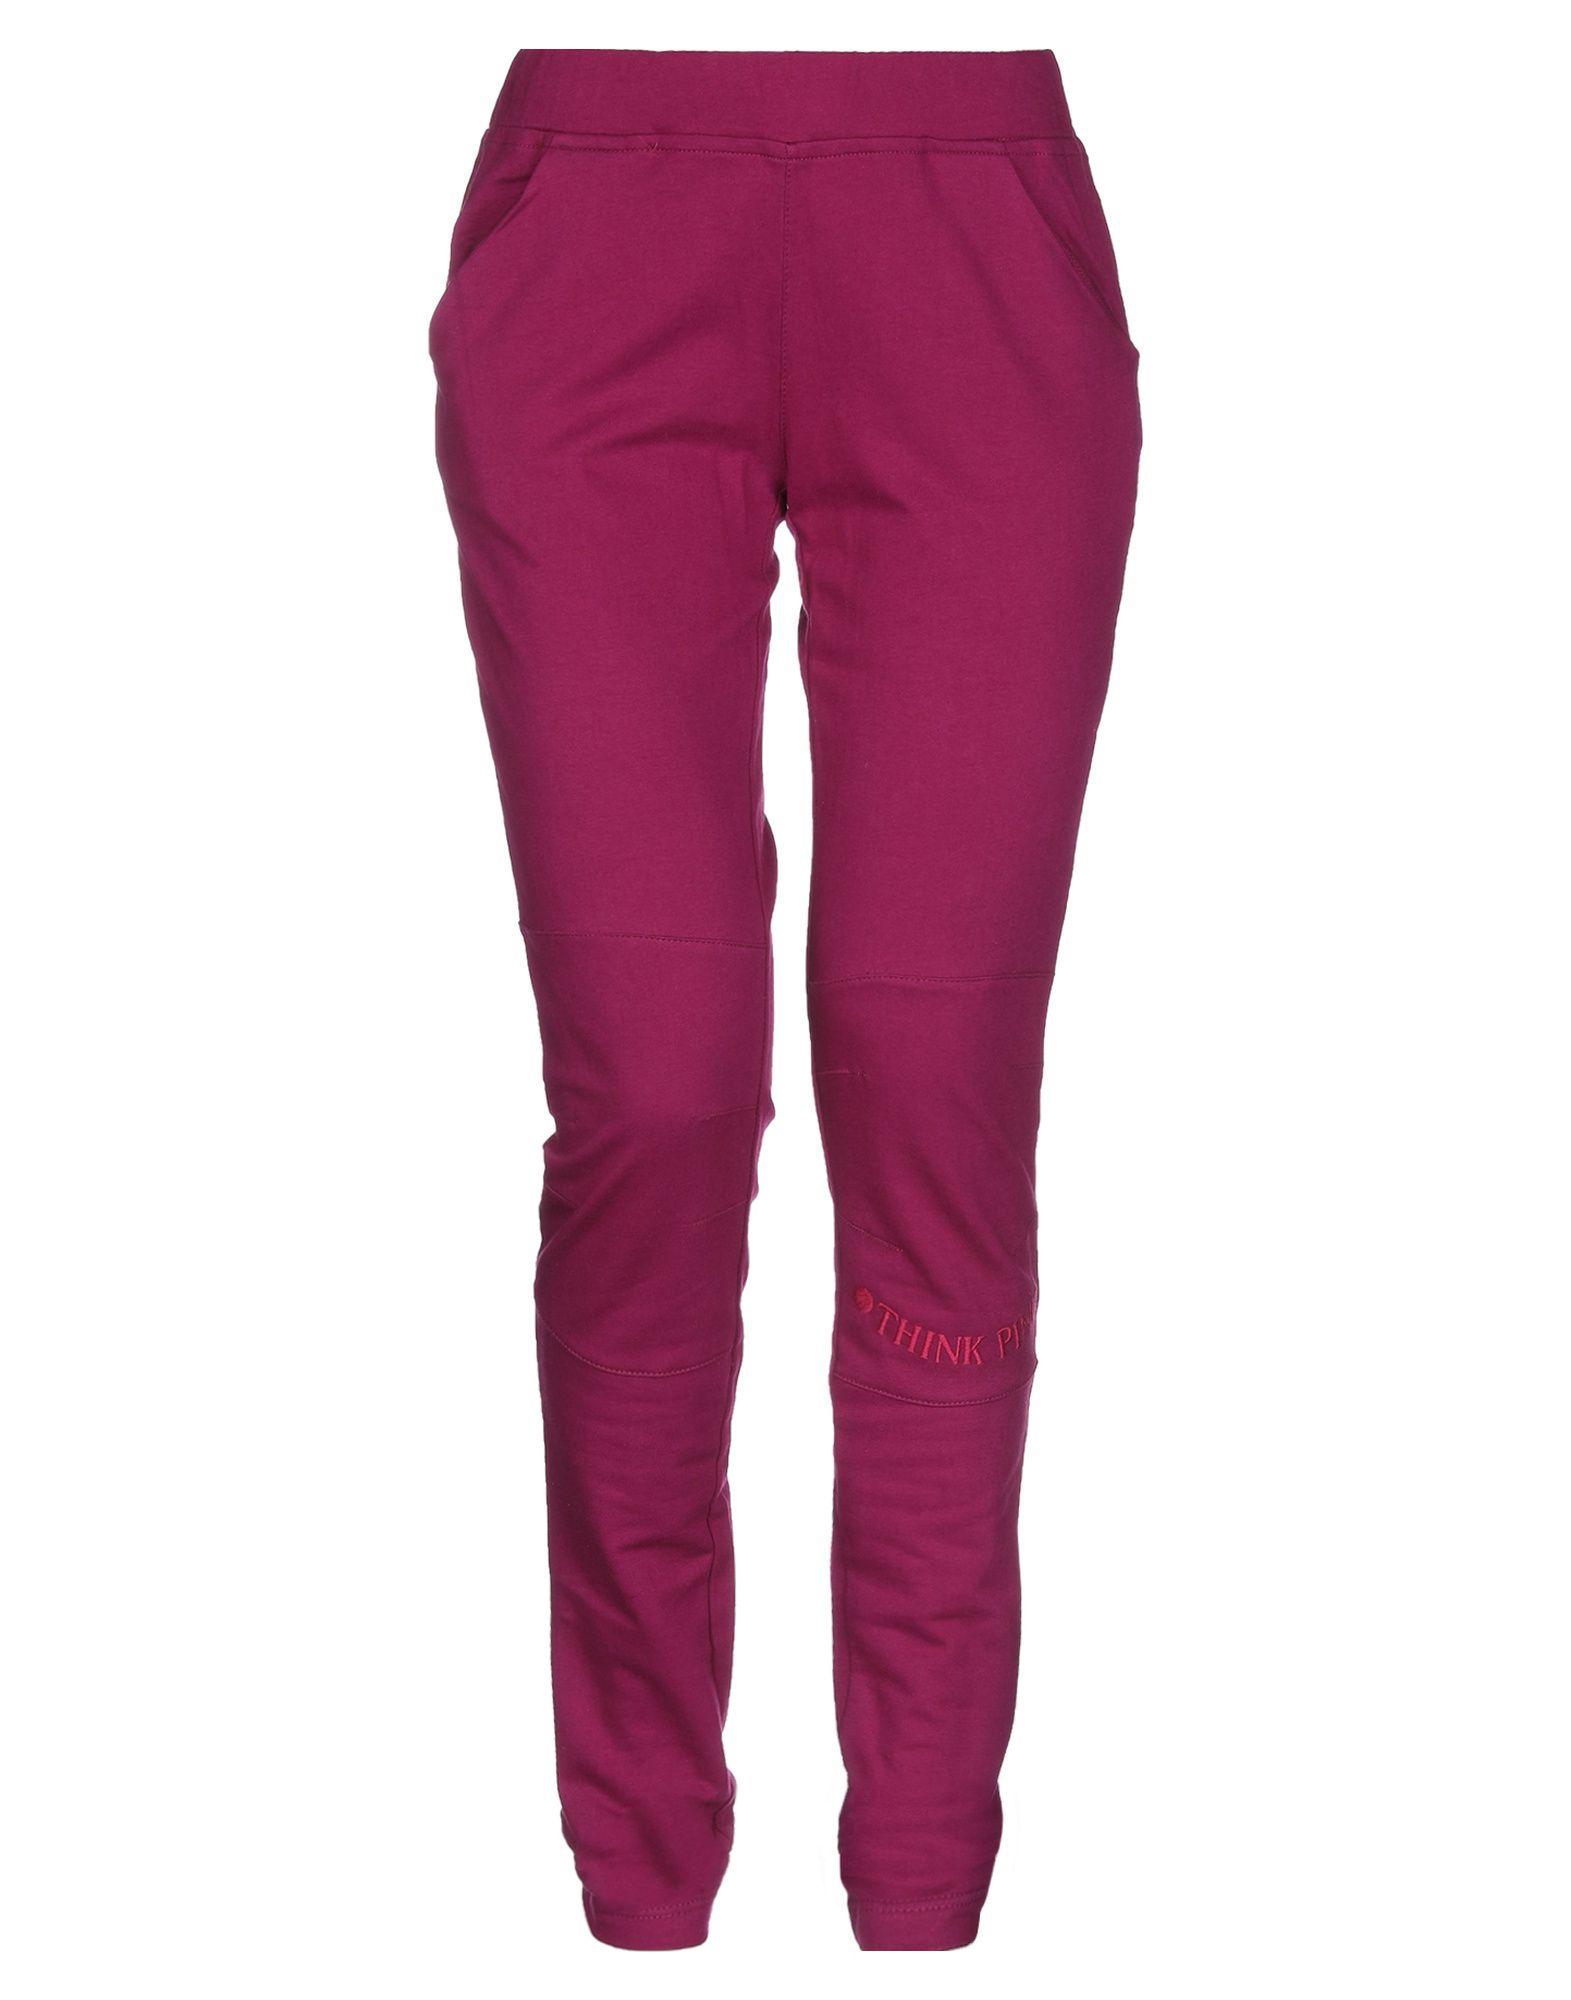 THINK PINK Повседневные брюки цена и фото